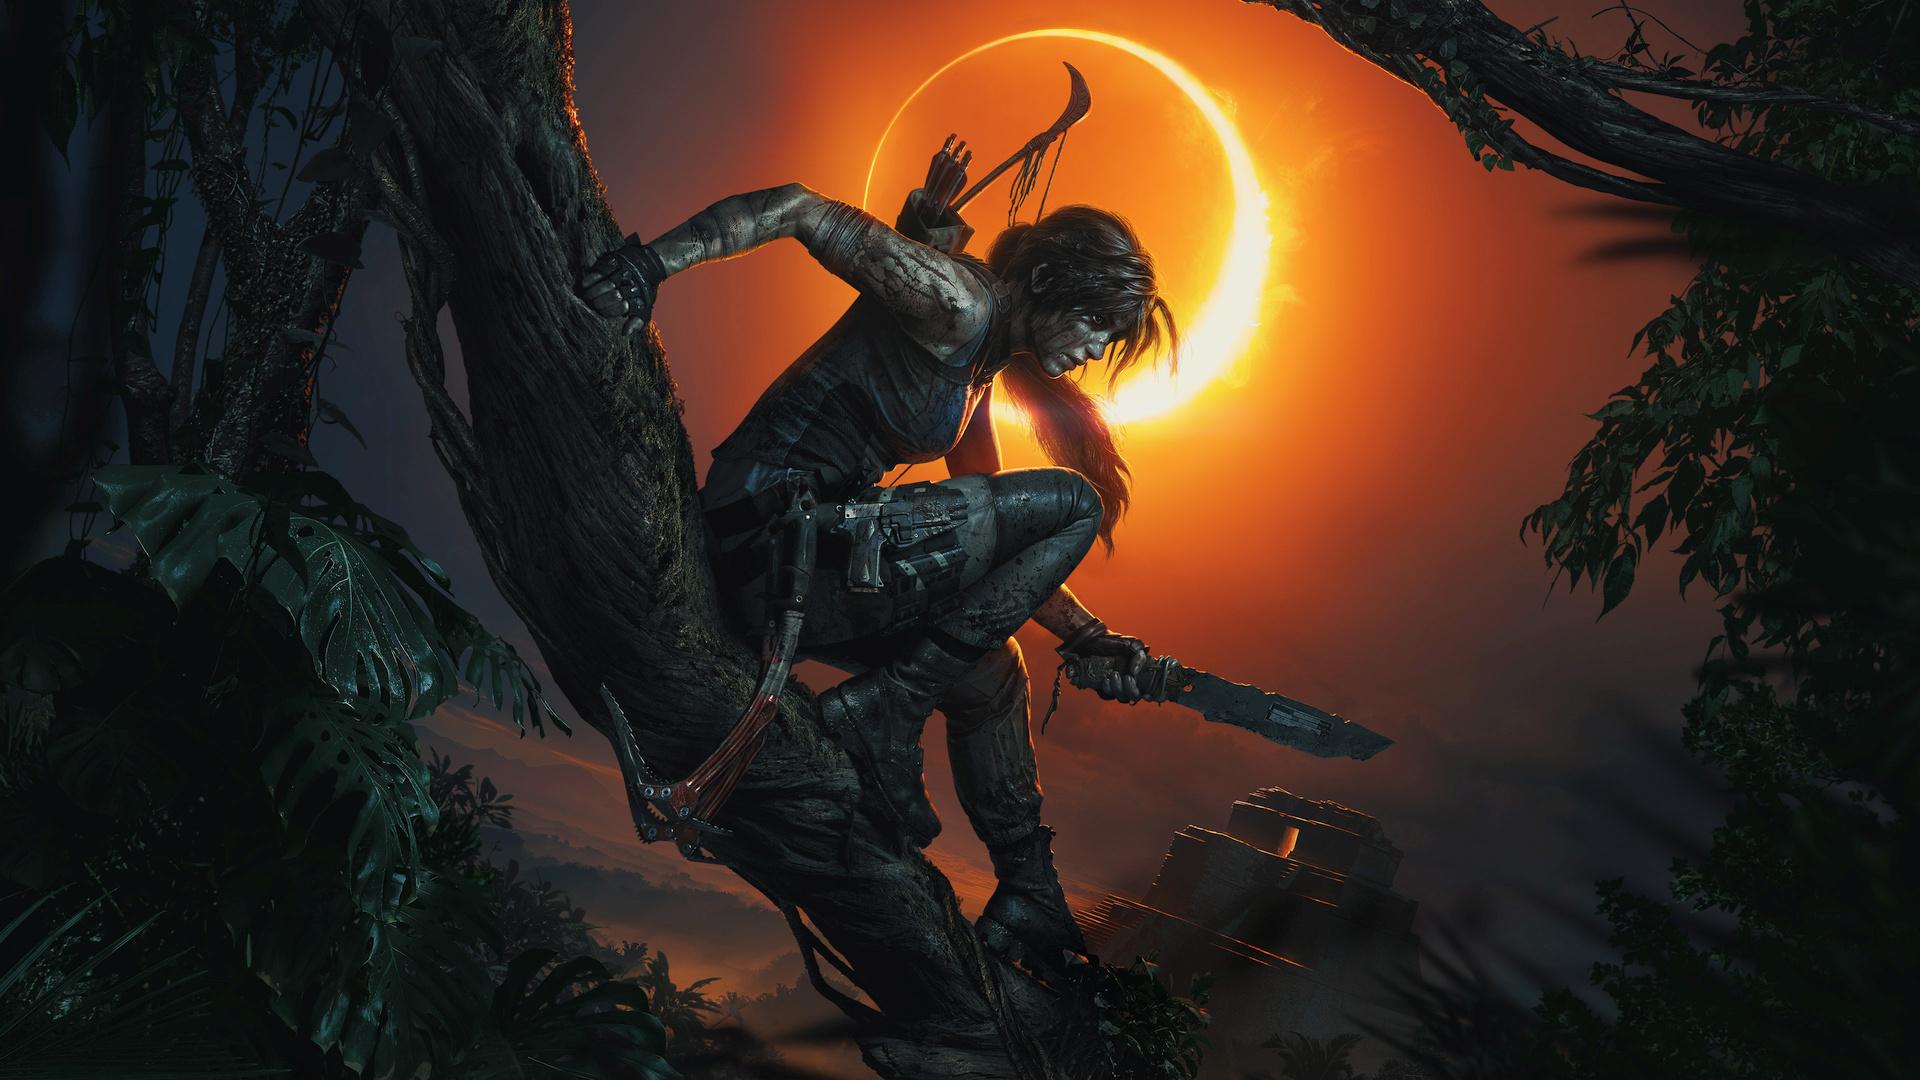 Igualmente, En El Artículo De Capturas De Juegos, Puede - Shadow Of The Tomb Raider , HD Wallpaper & Backgrounds